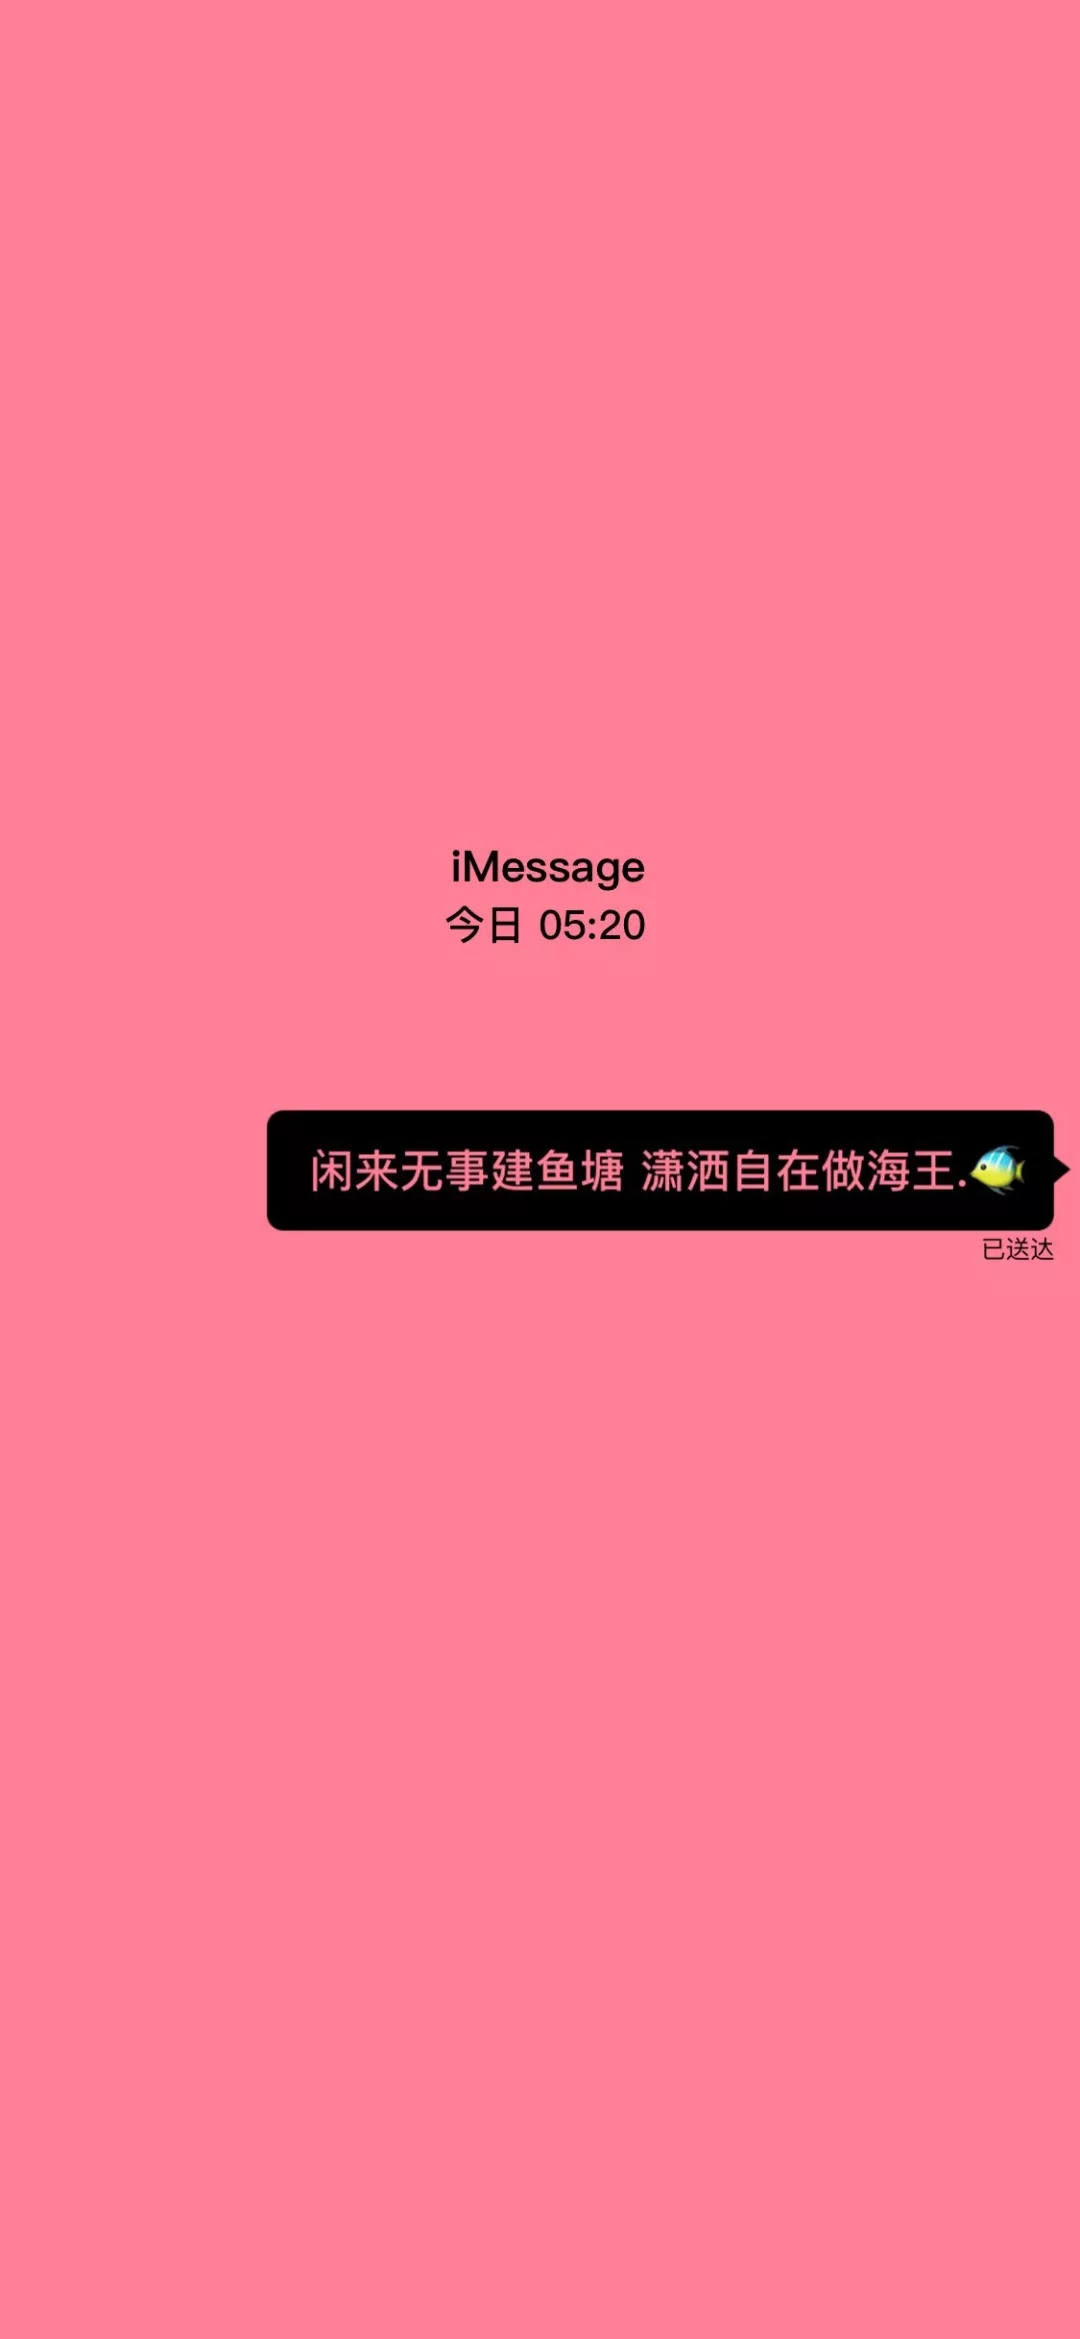 mmexport1557215847229.jpg